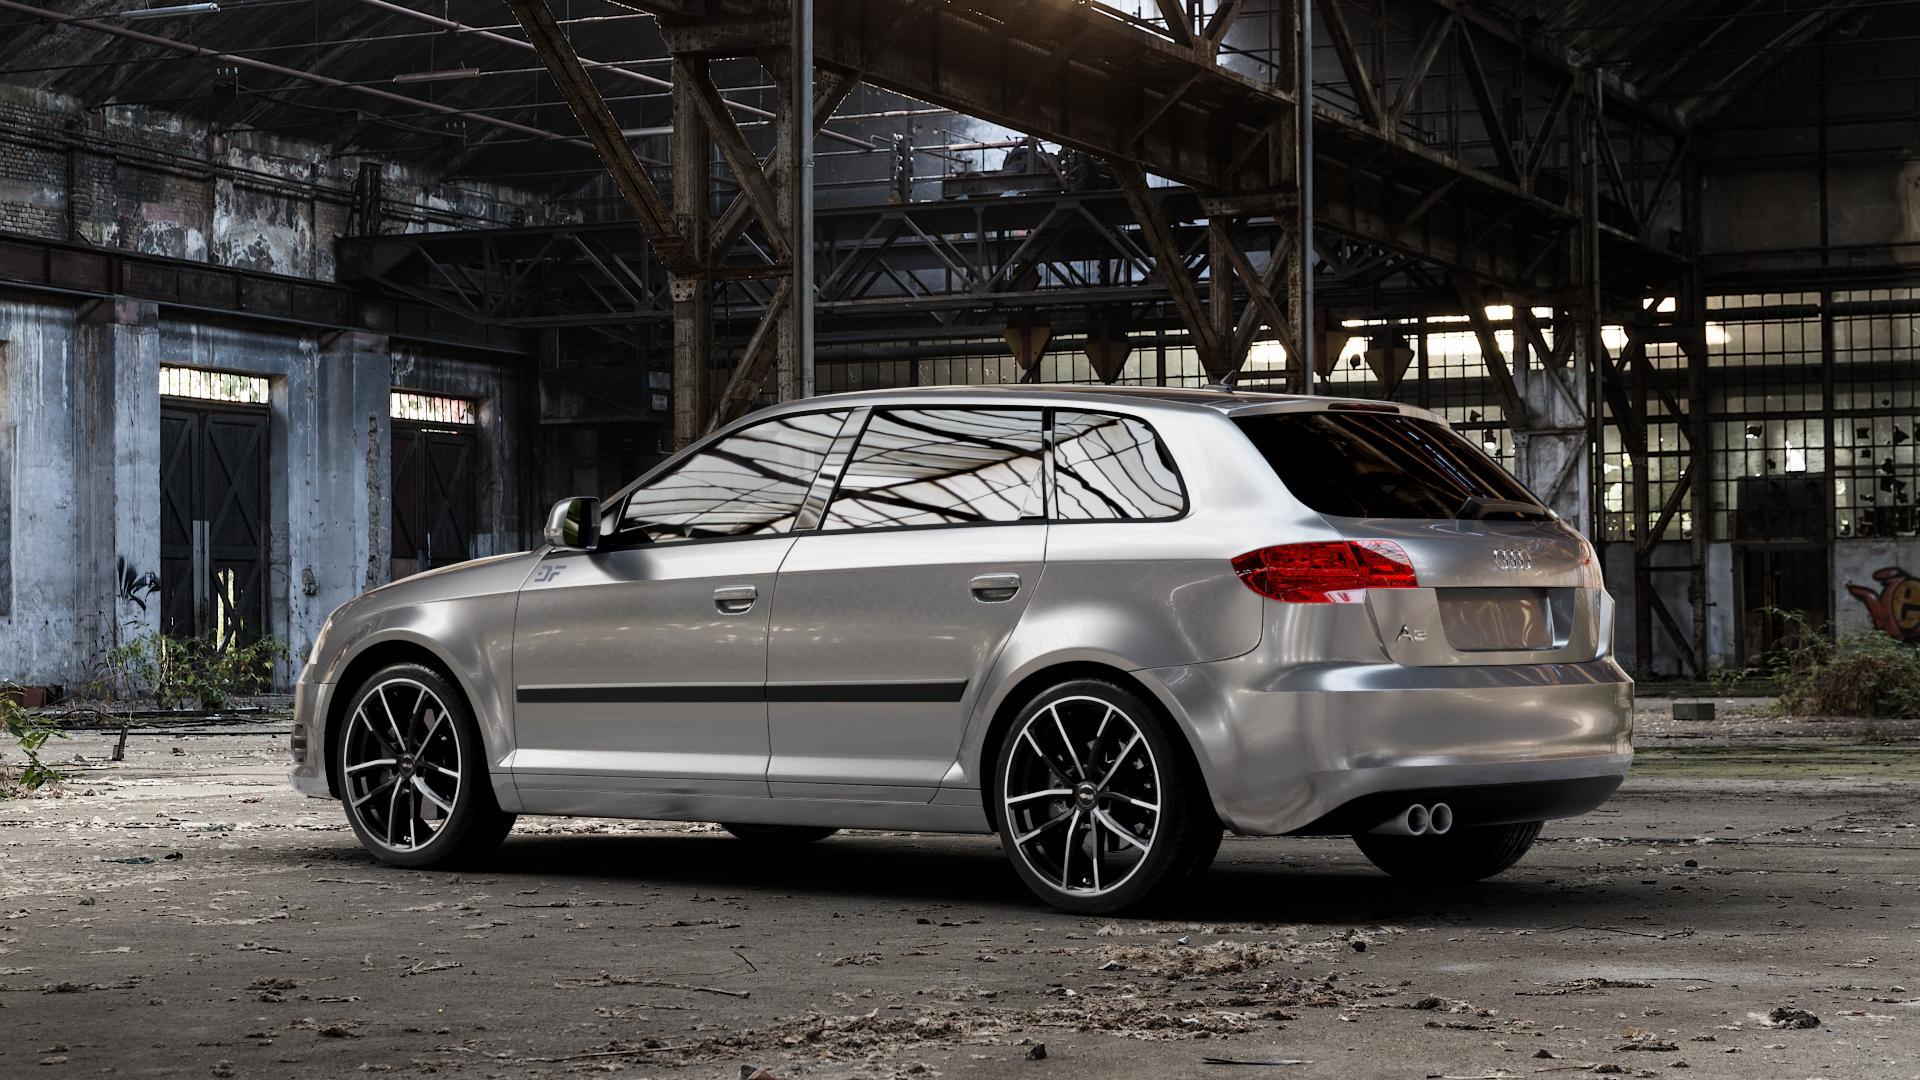 Brock B38 schwarz front-poliert Felge mit Reifen mehrfarbig in 18Zoll Alufelge auf silbernem Audi A3 Typ 8P (Sportback) 1,6l 75kW (102 PS) 2,0l FSI 110kW (150 1,9l TDI 77kW (105 103kW (140 TFSI 147kW (200 85kW (116 100kW (136 1,8l 118kW (160 125kW (170 1,4l 92kW (125 120kW (163 quattro 3,2l V6 184kW (250 S3 195kW (265 1,2l 66kW (90